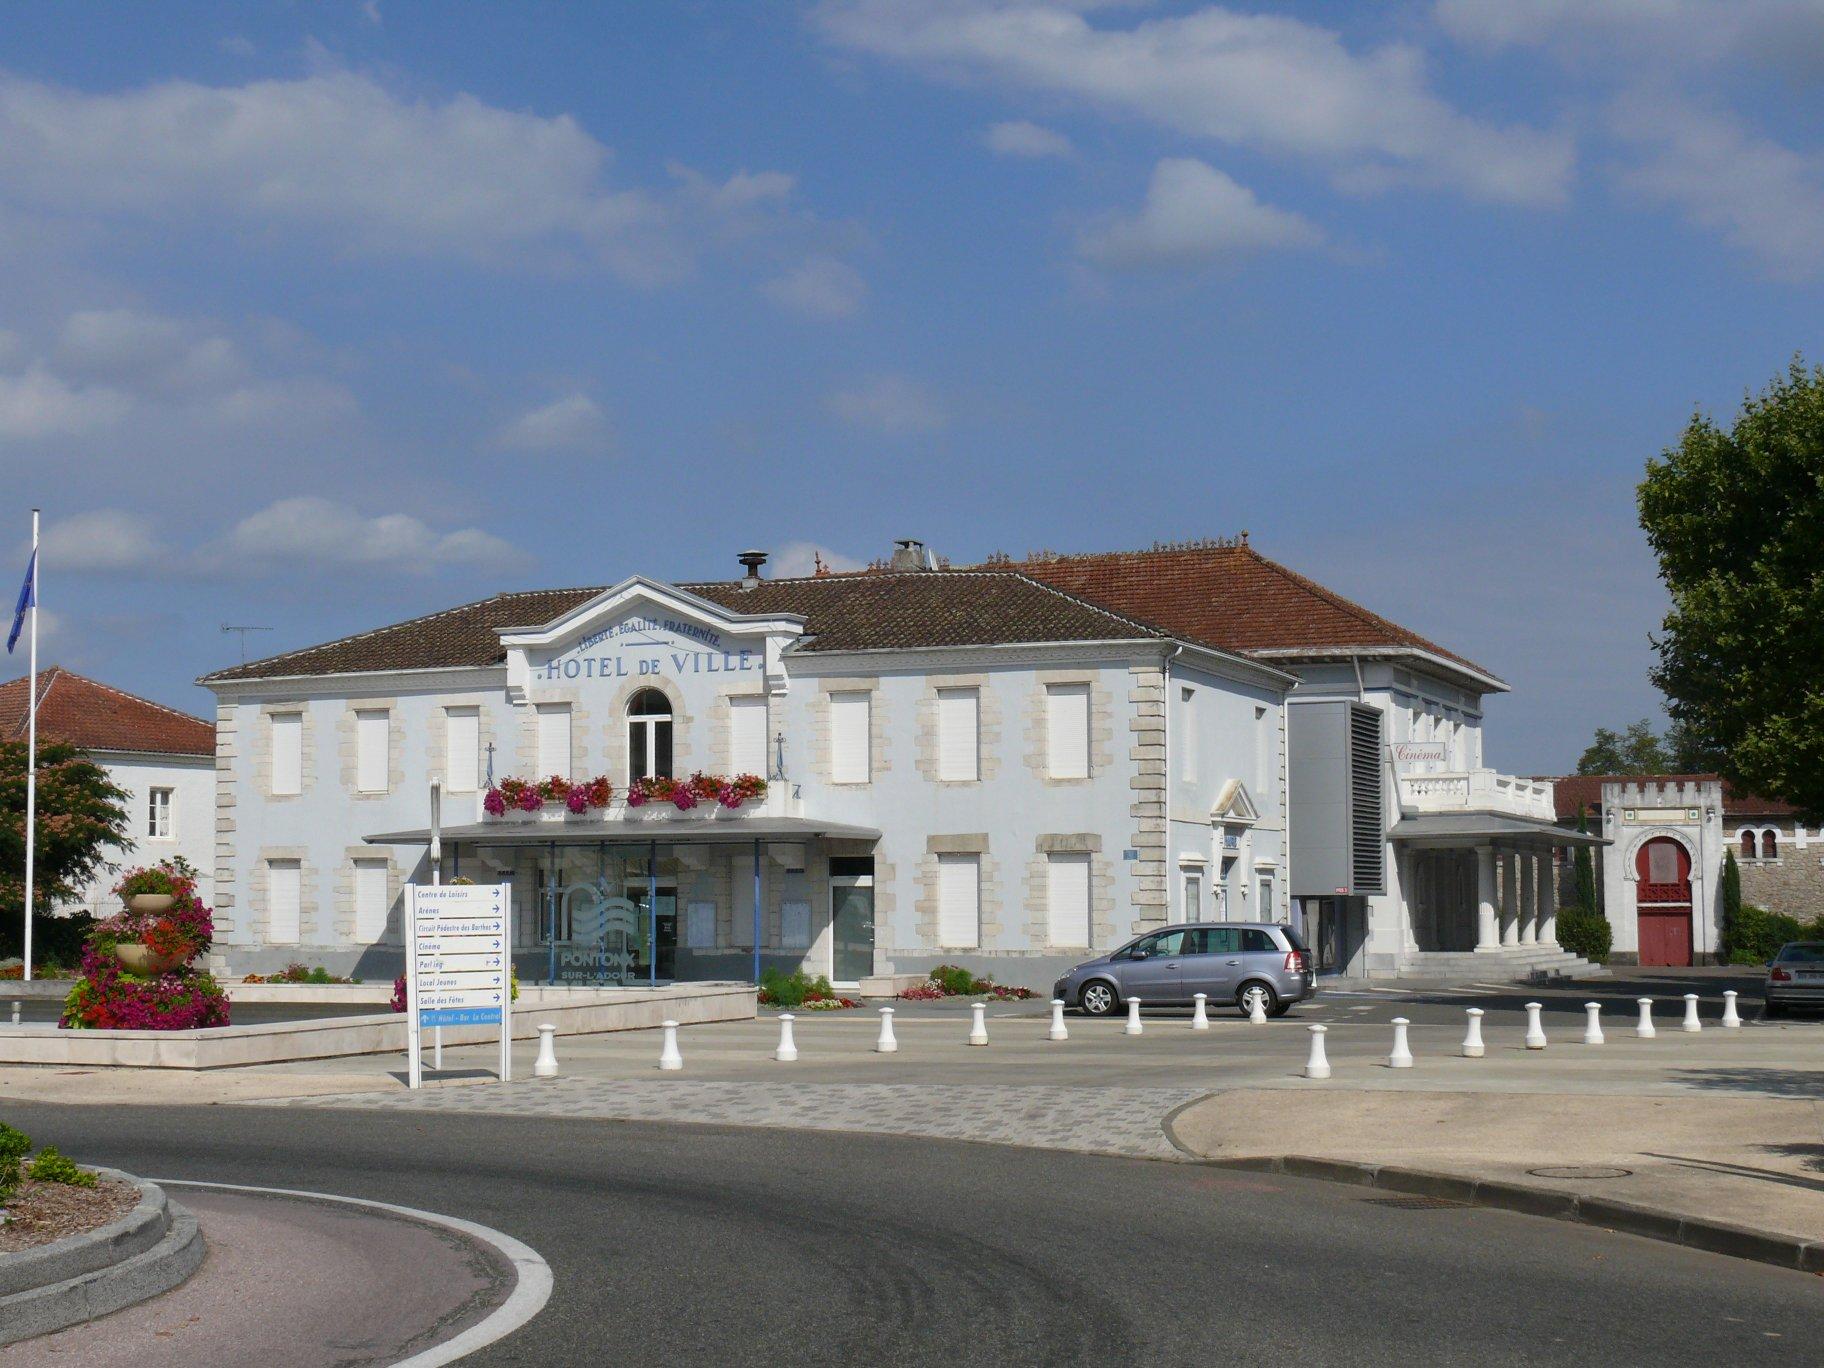 Pontonx-sur-l'Adour